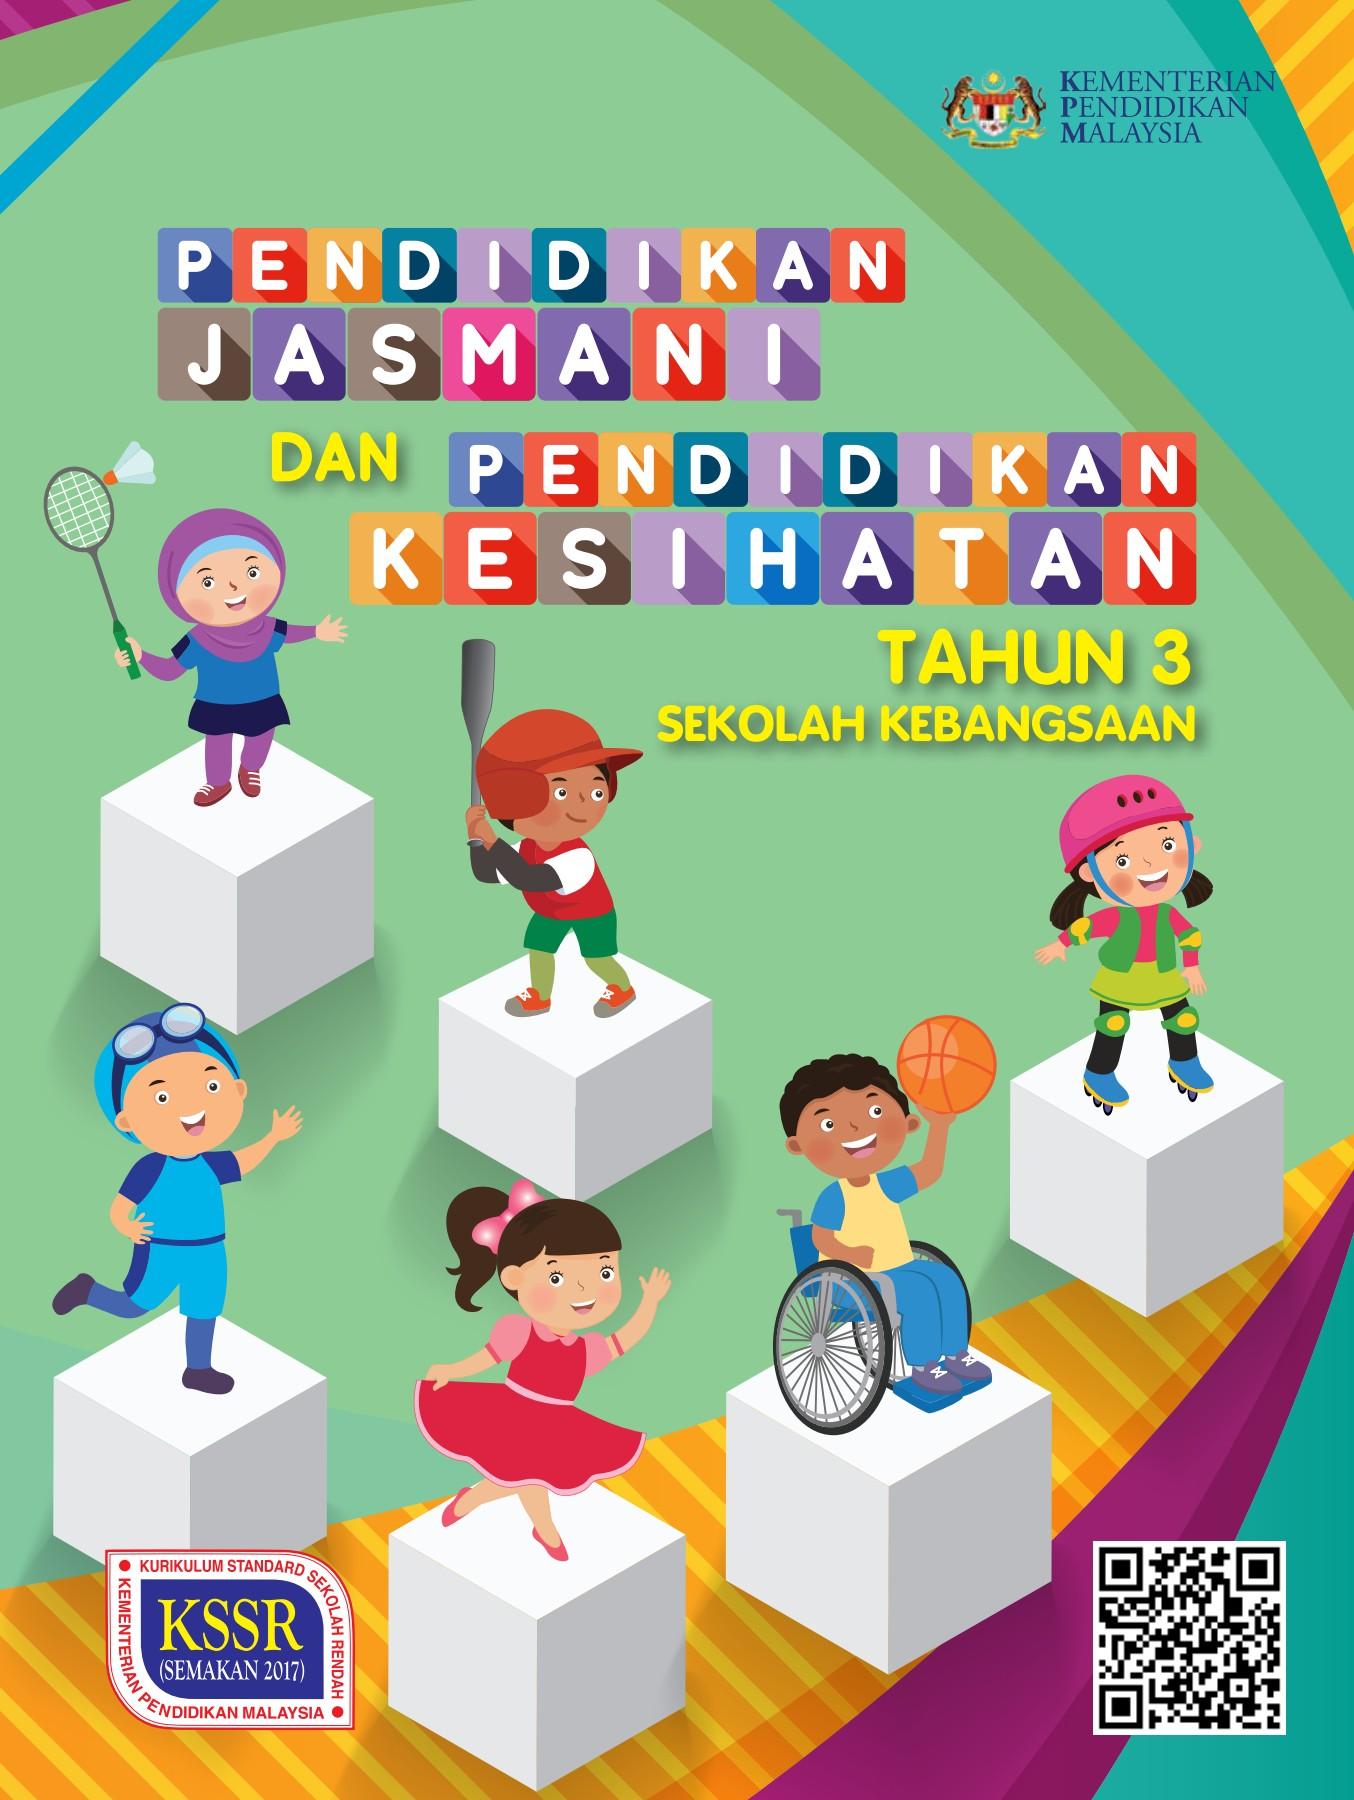 Pendidikan Jasmani Dan Pendidikan Kesihatan Tahun 3 Kssr Semakan Flip Book Pages 1 50 Pubhtml5